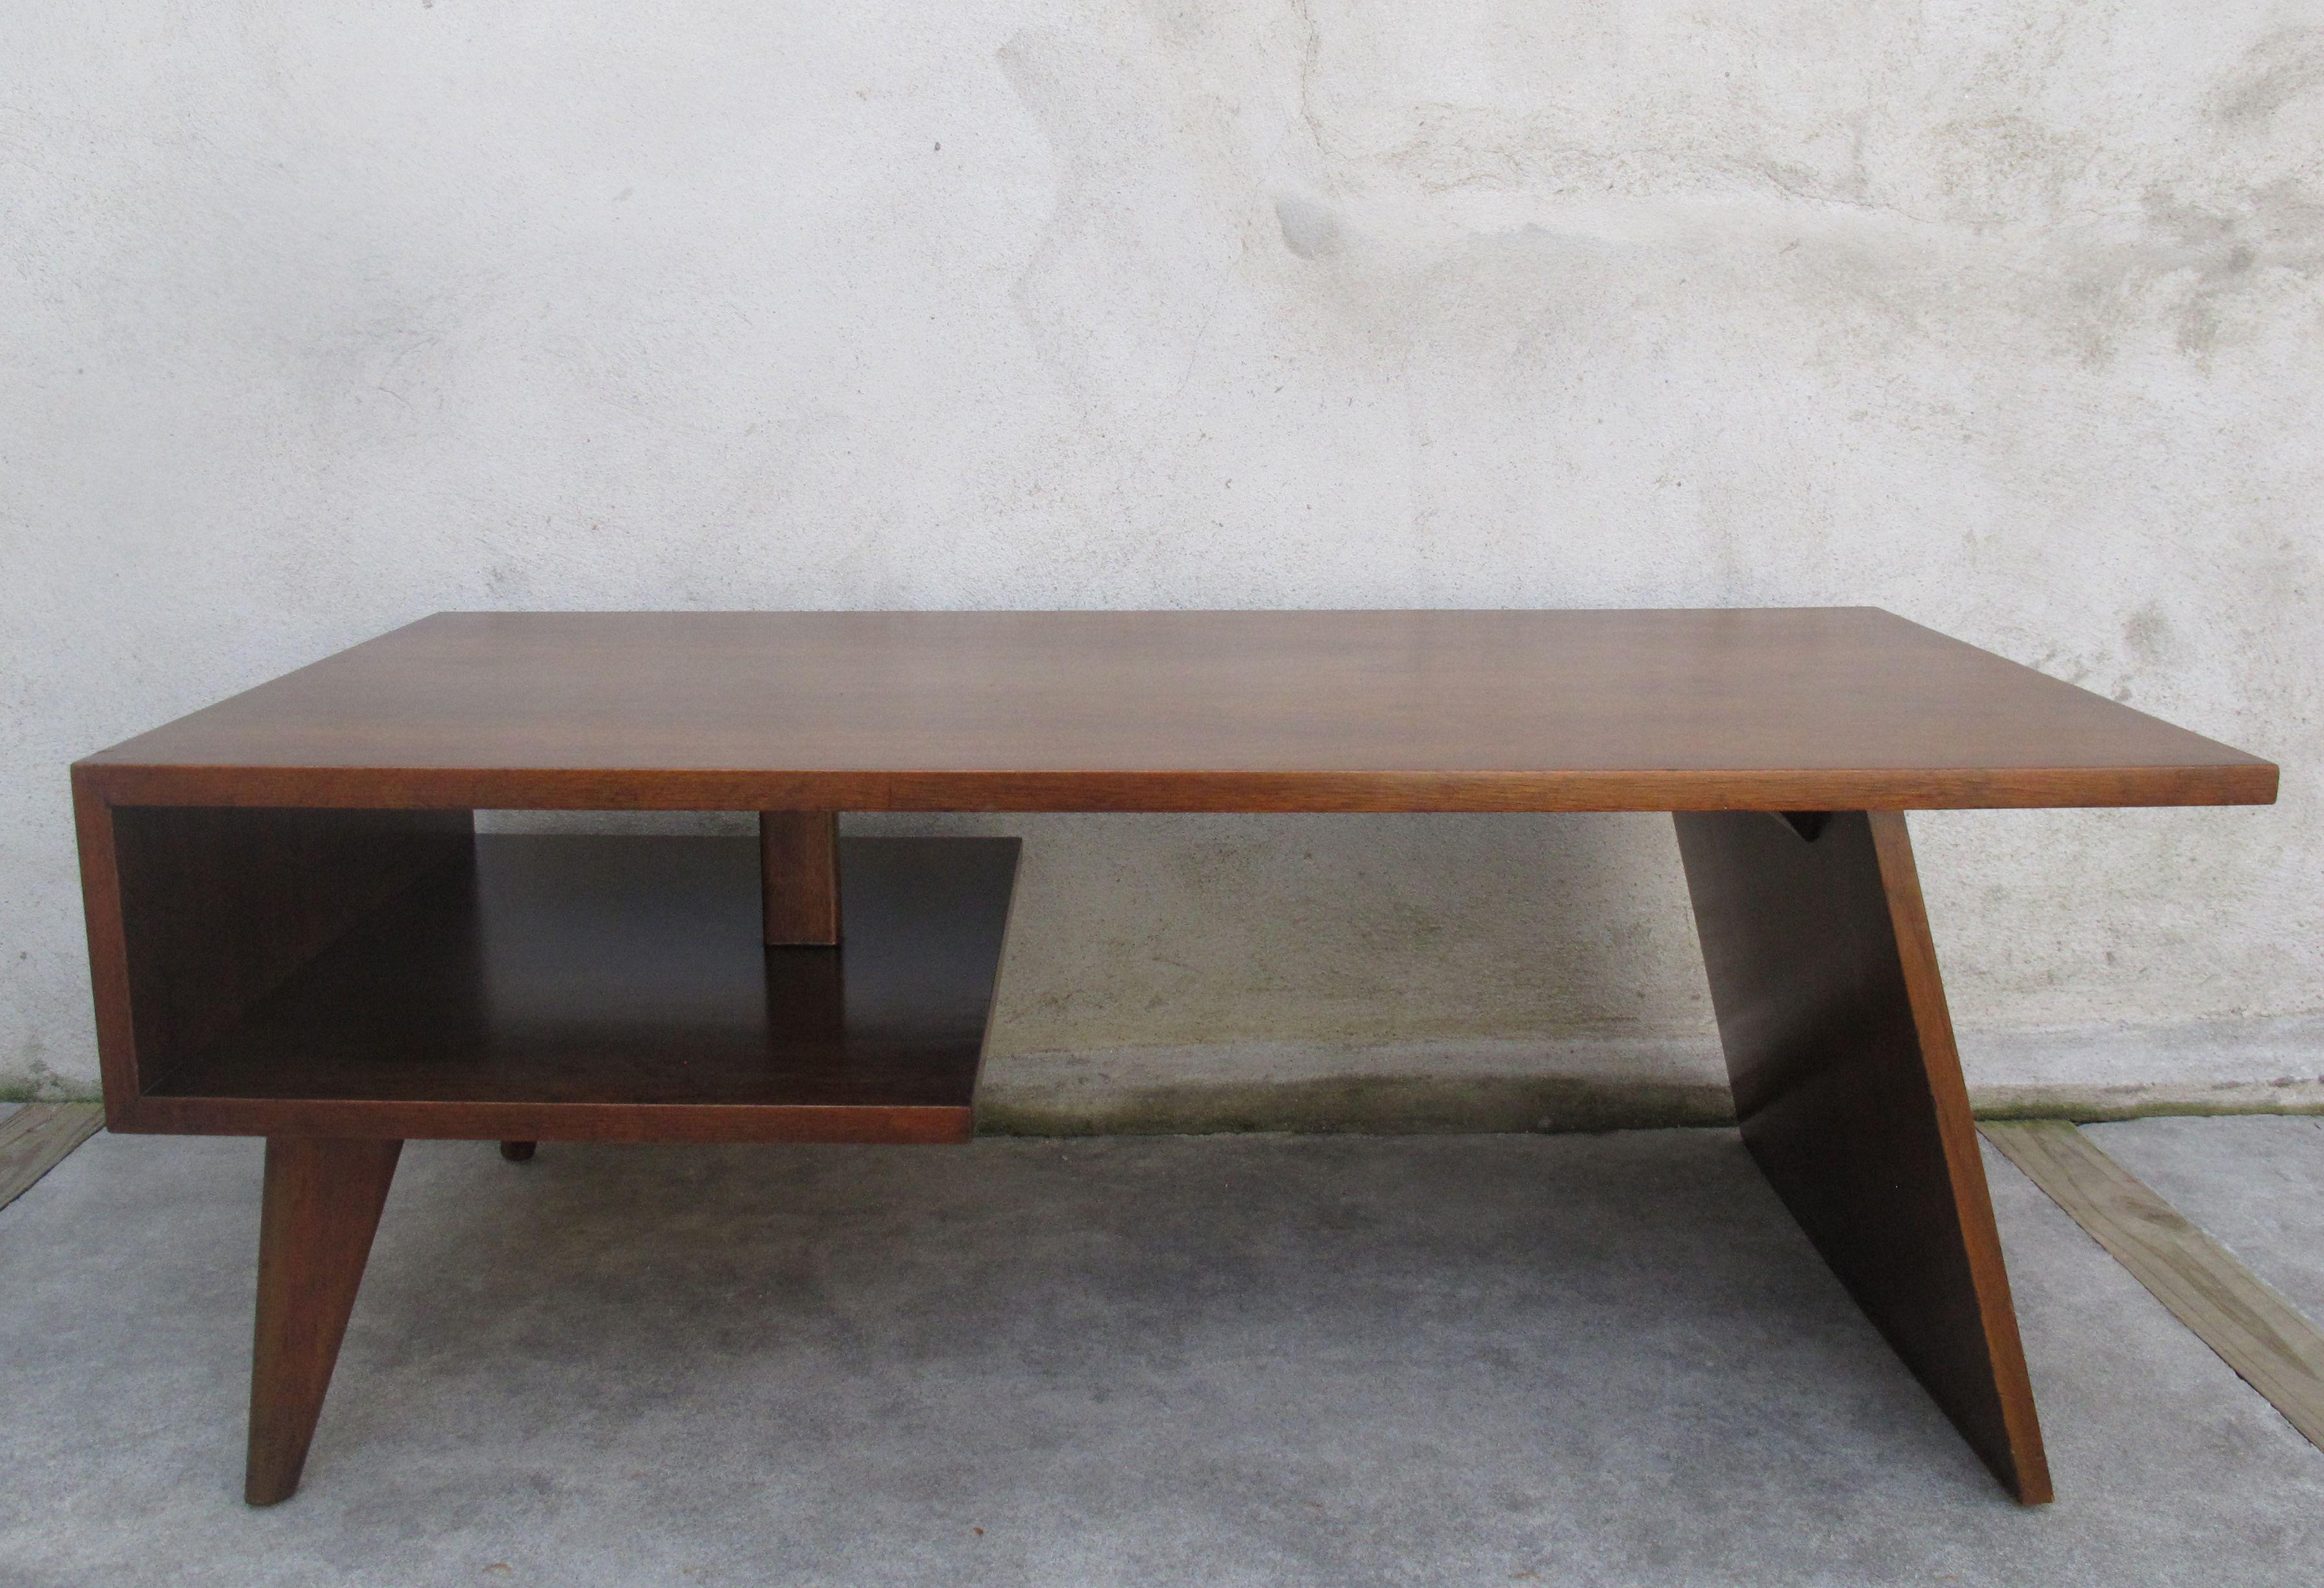 b0920d4914104870669bec10fc18957d Incroyable De Table Vintage Des Idées